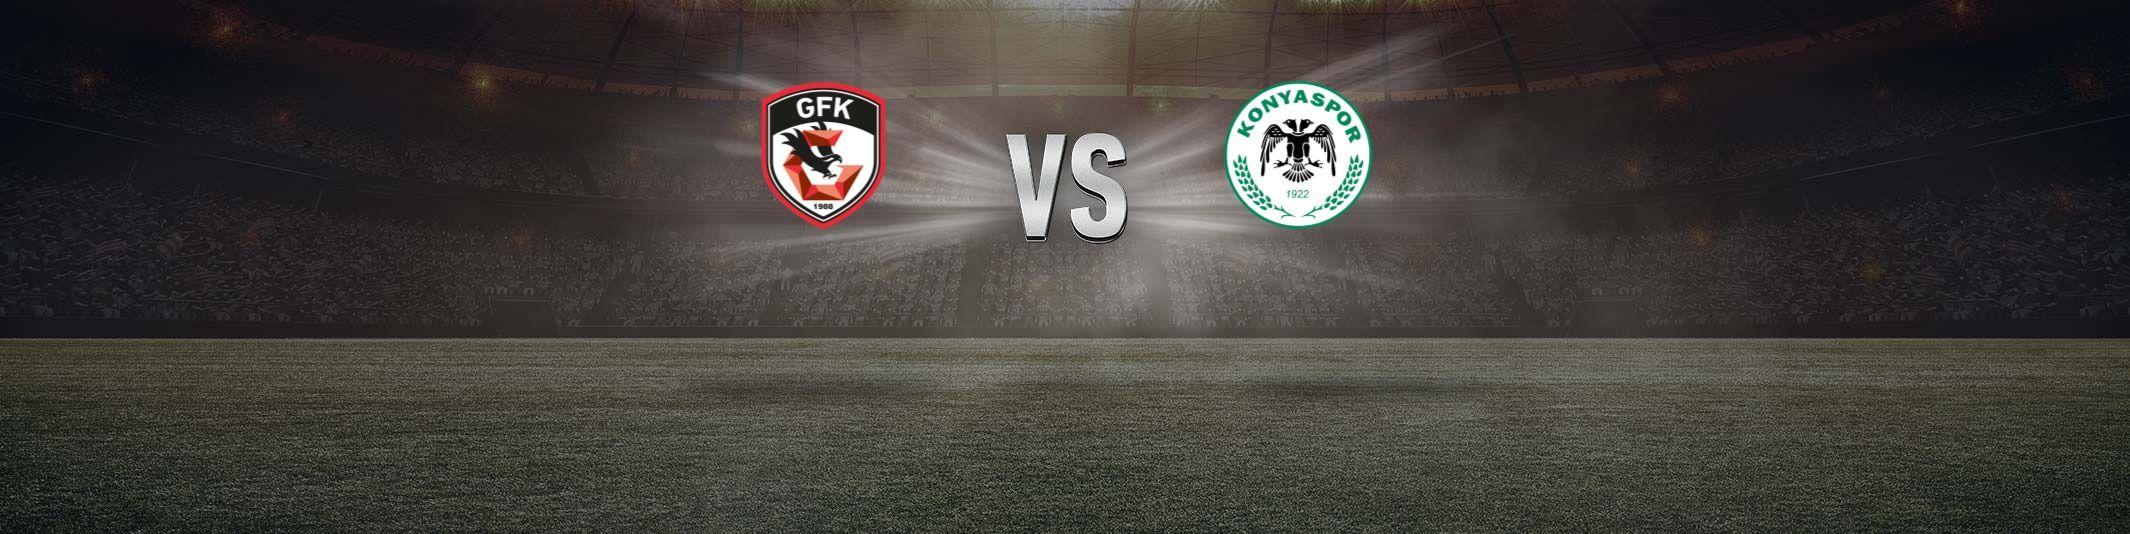 Gaziantep FK Konyaspor, 2020 Mac, Spor